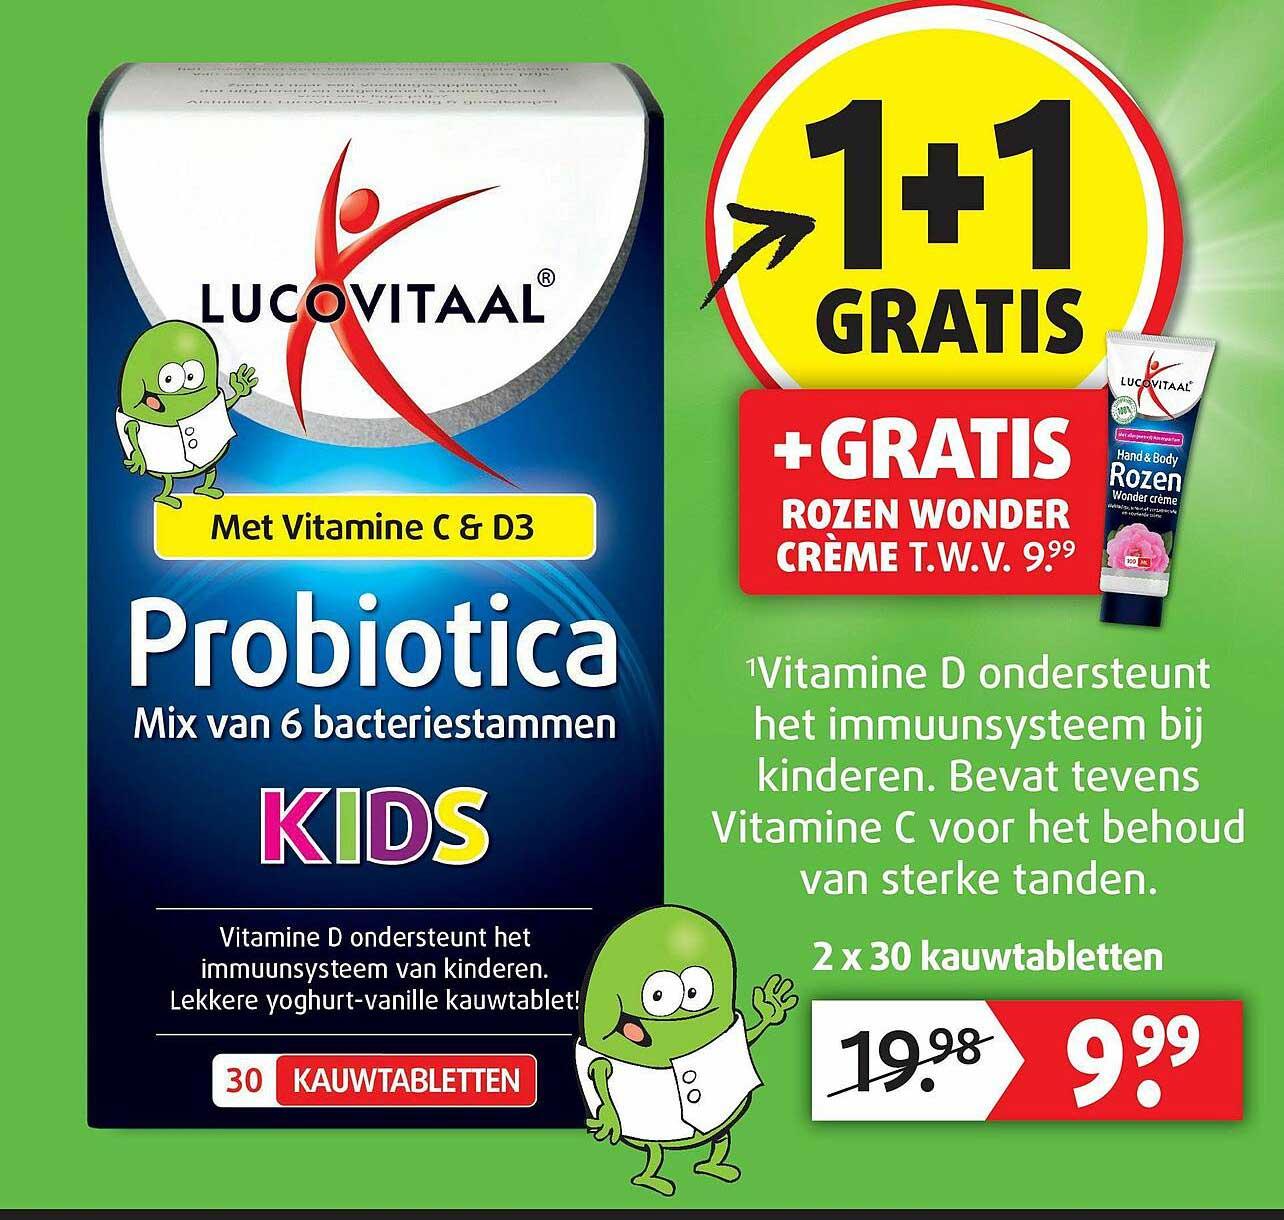 Lucovitaal Lucovitaal Probiotica Met Vitamine C & D3 1+1 Gratis